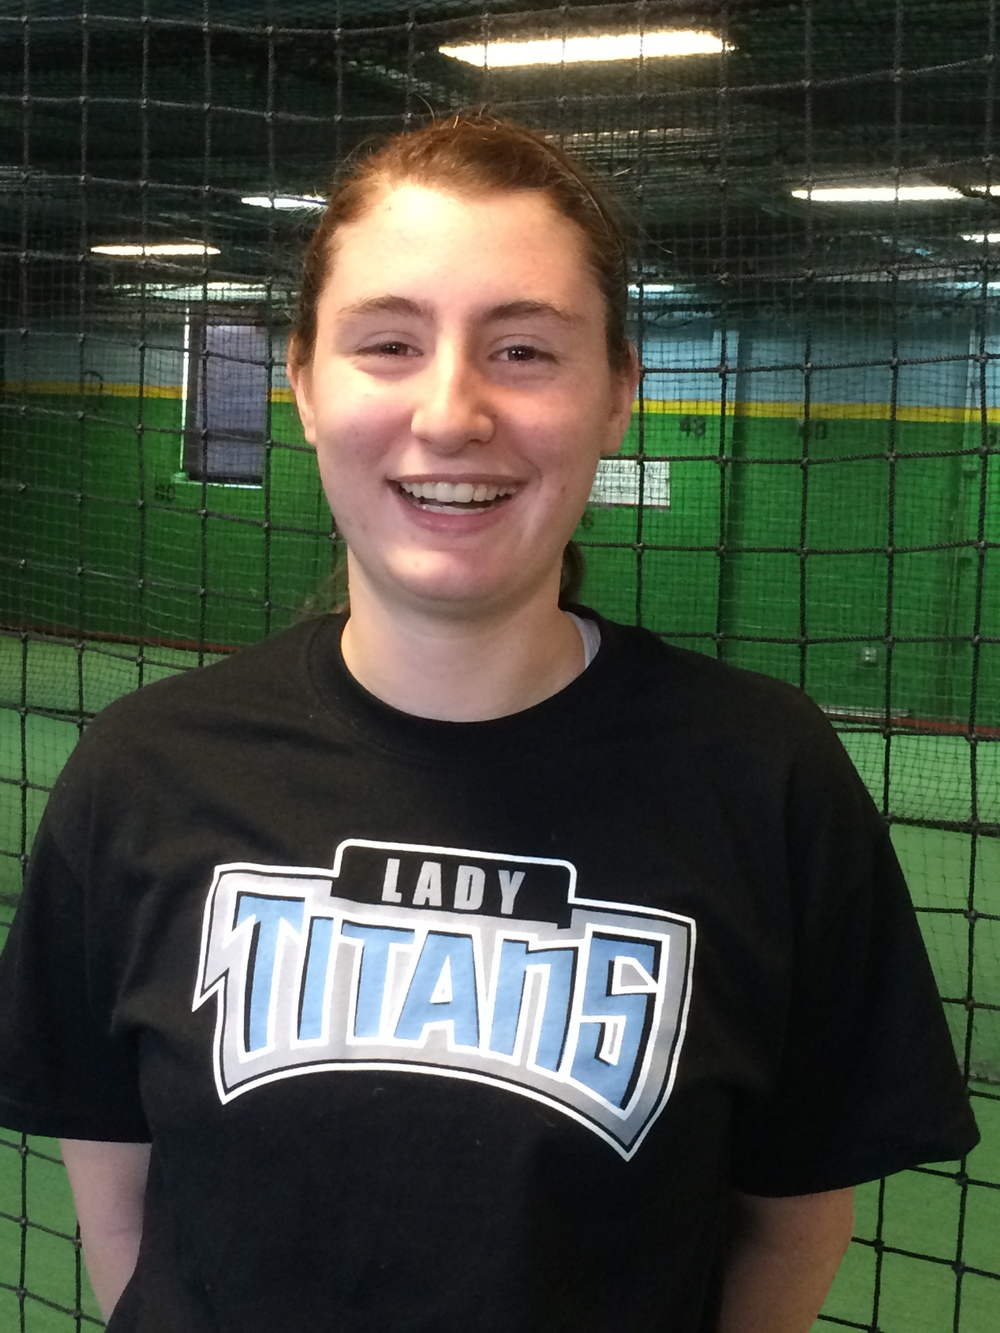 Katie DeCarlo     Decarlo.katie@yahoo.com, Fairfield, CT